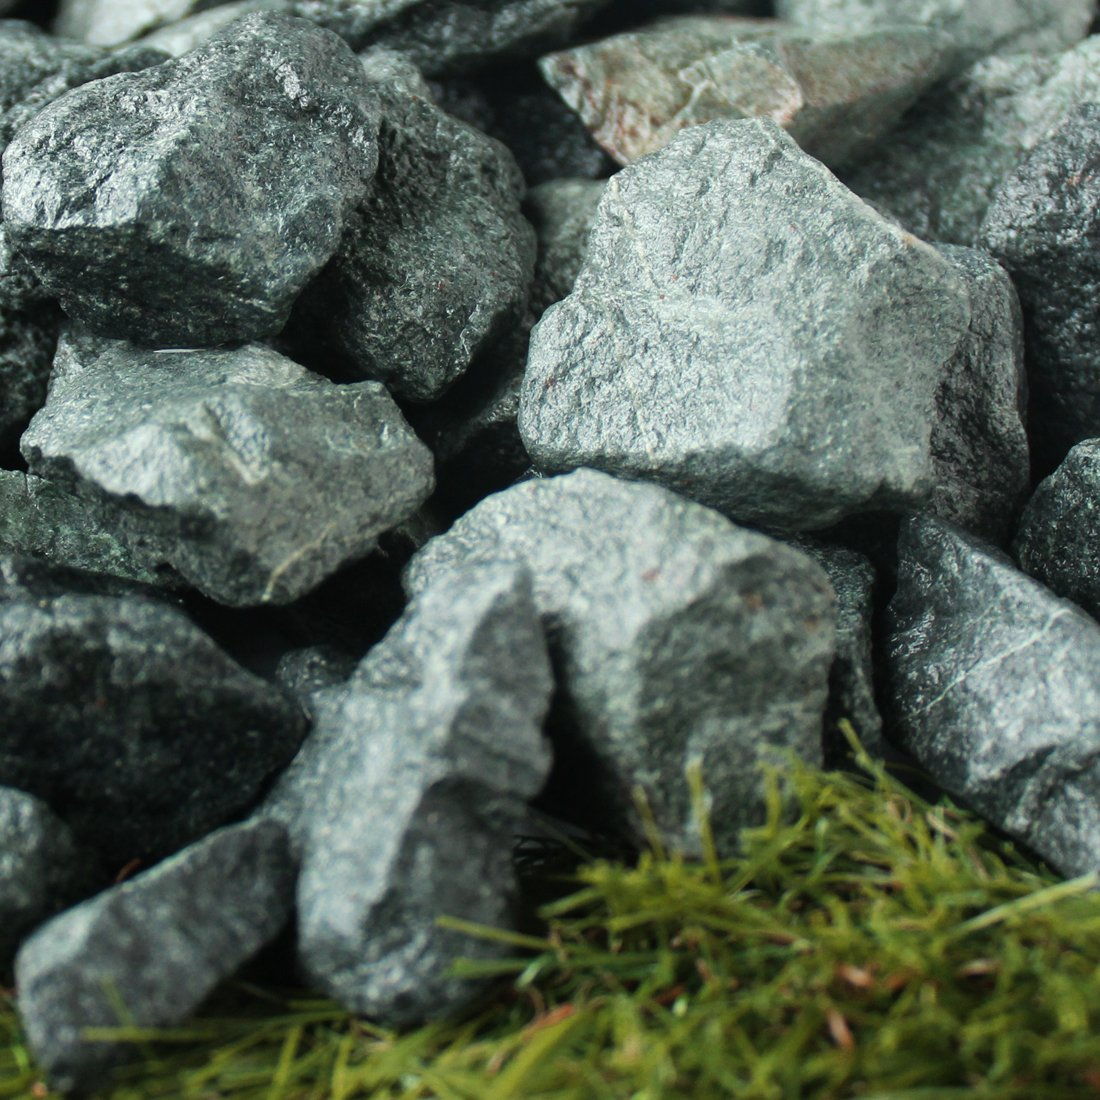 青砕石 30-50mm 20kg(11.1L)×10袋セット 【200kg】 B01M0FJOQM  200kg